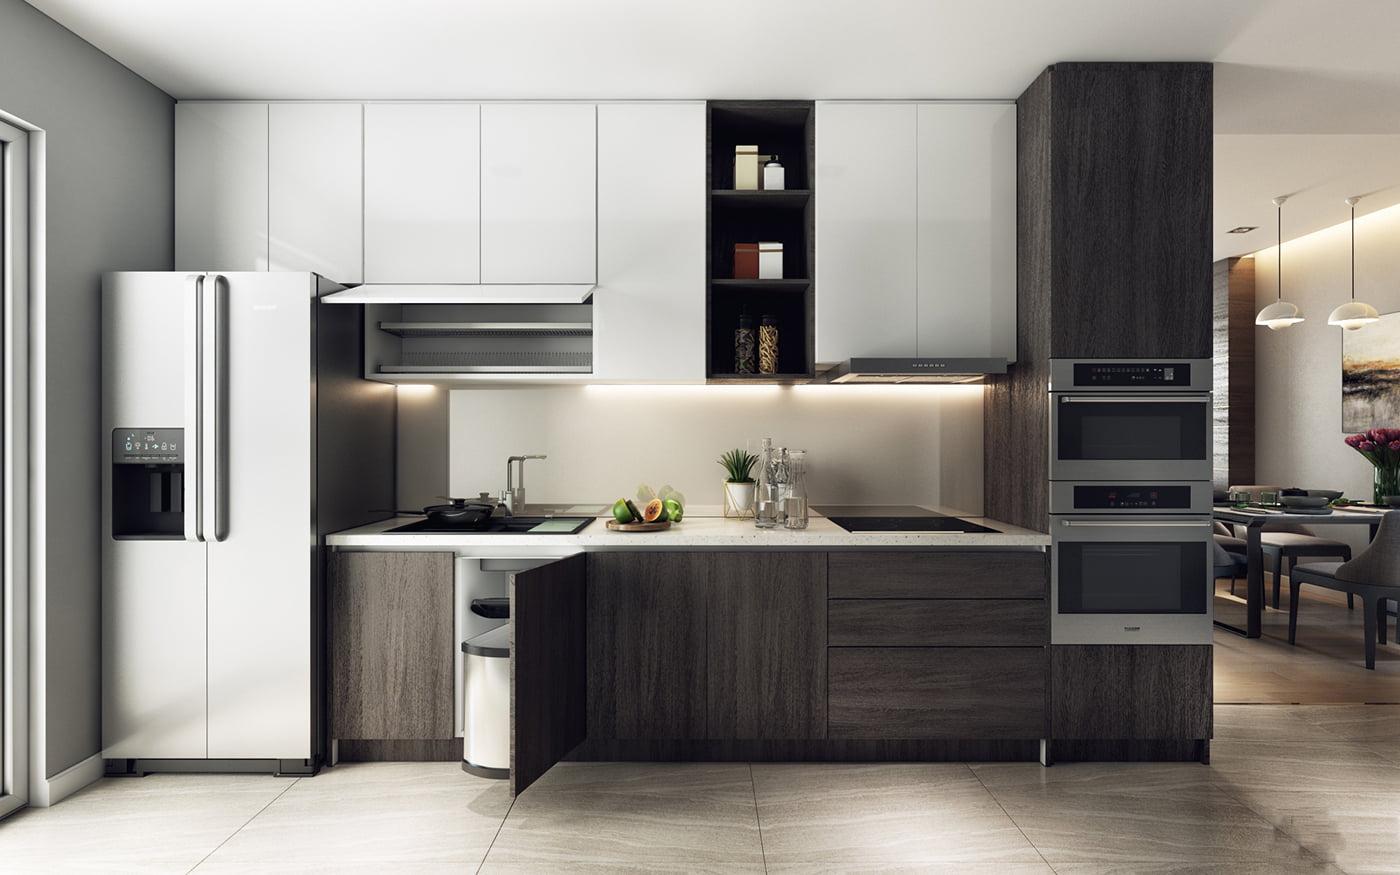 thiết kế nội thất chung cư hiện đại 18